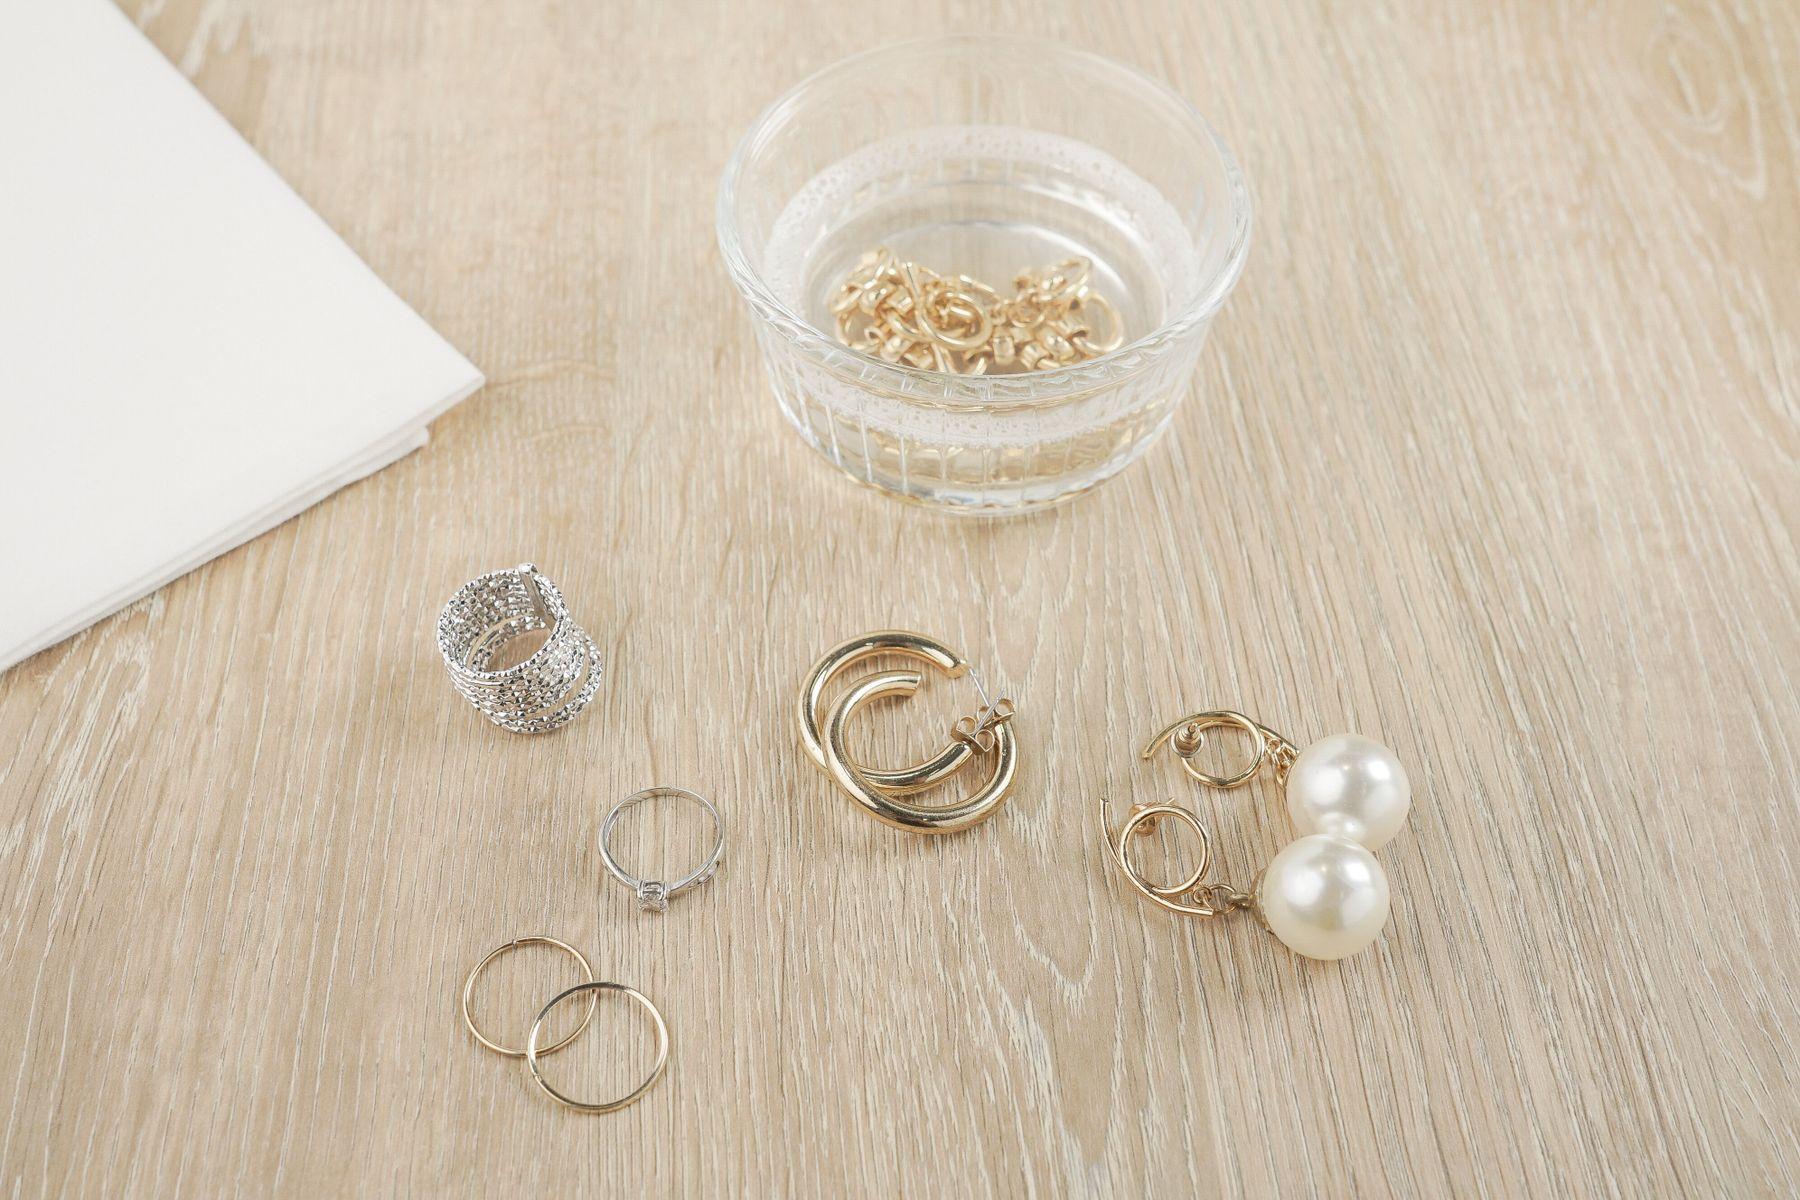 Cómo limpiar joyas de plata y oro